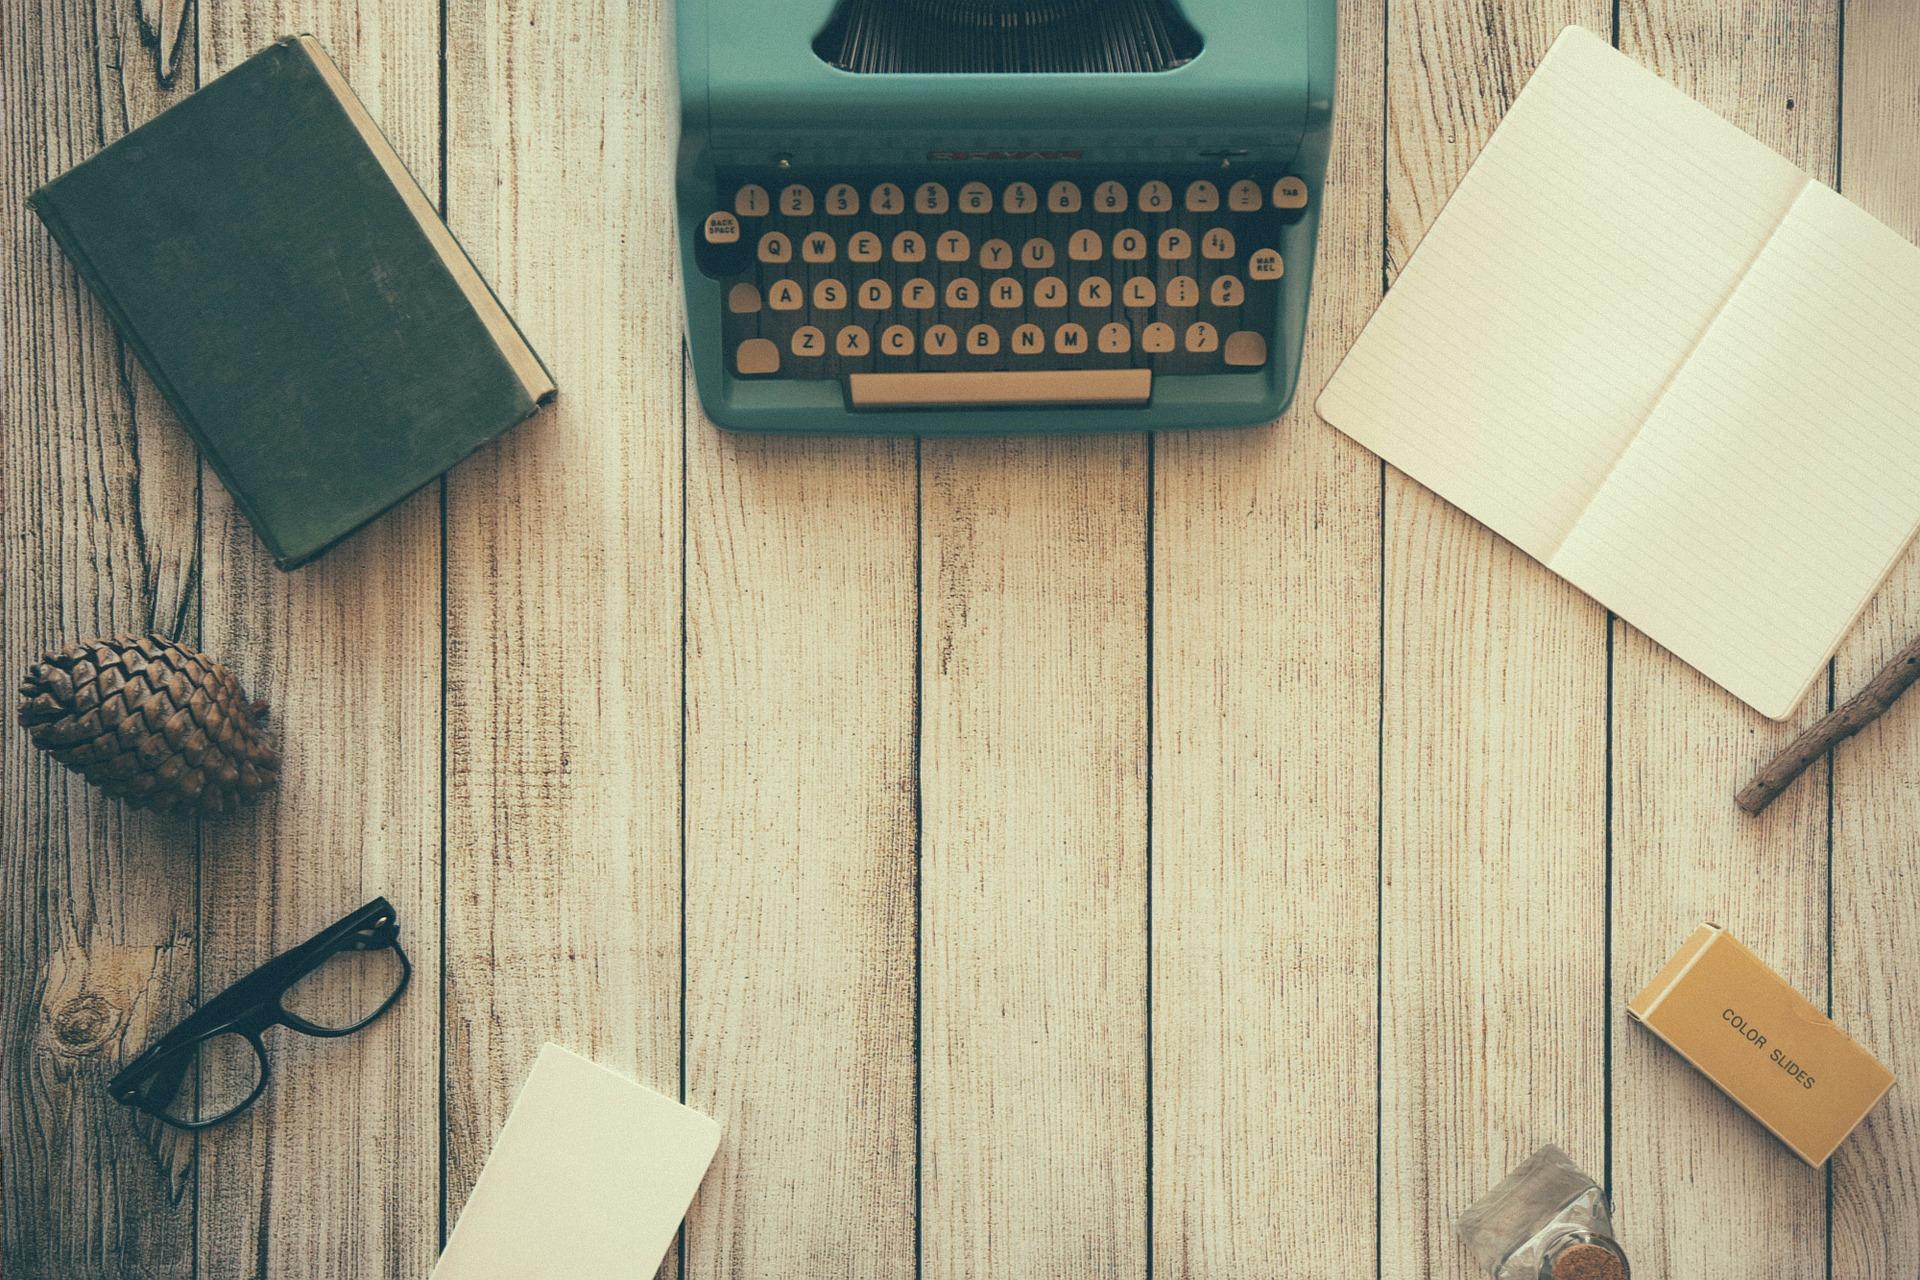 Eine Schreibmaschine